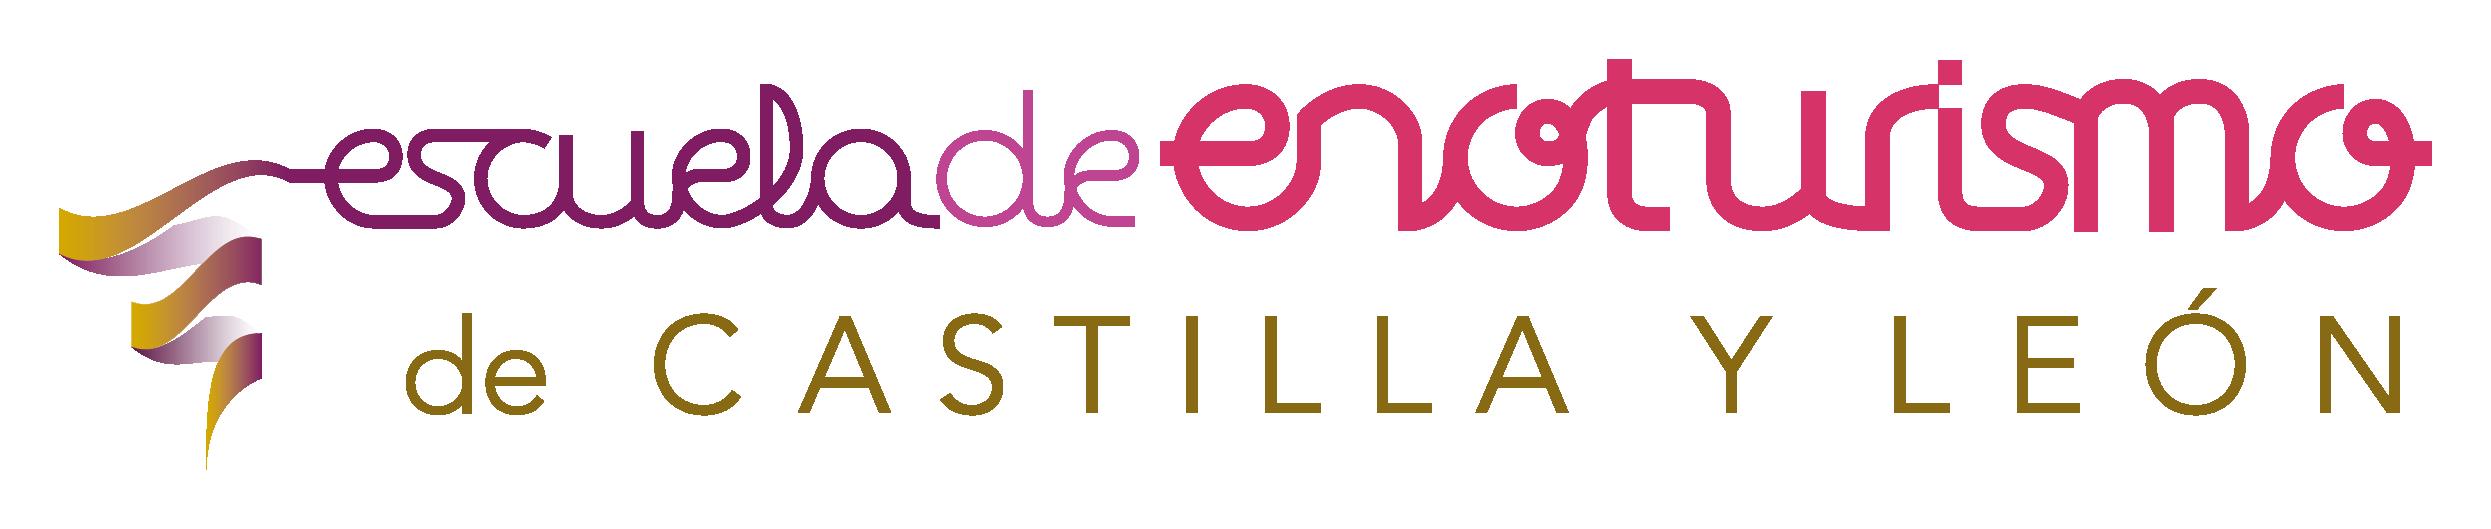 Escuela-de-Enoturismo-de-Castilla-y-León